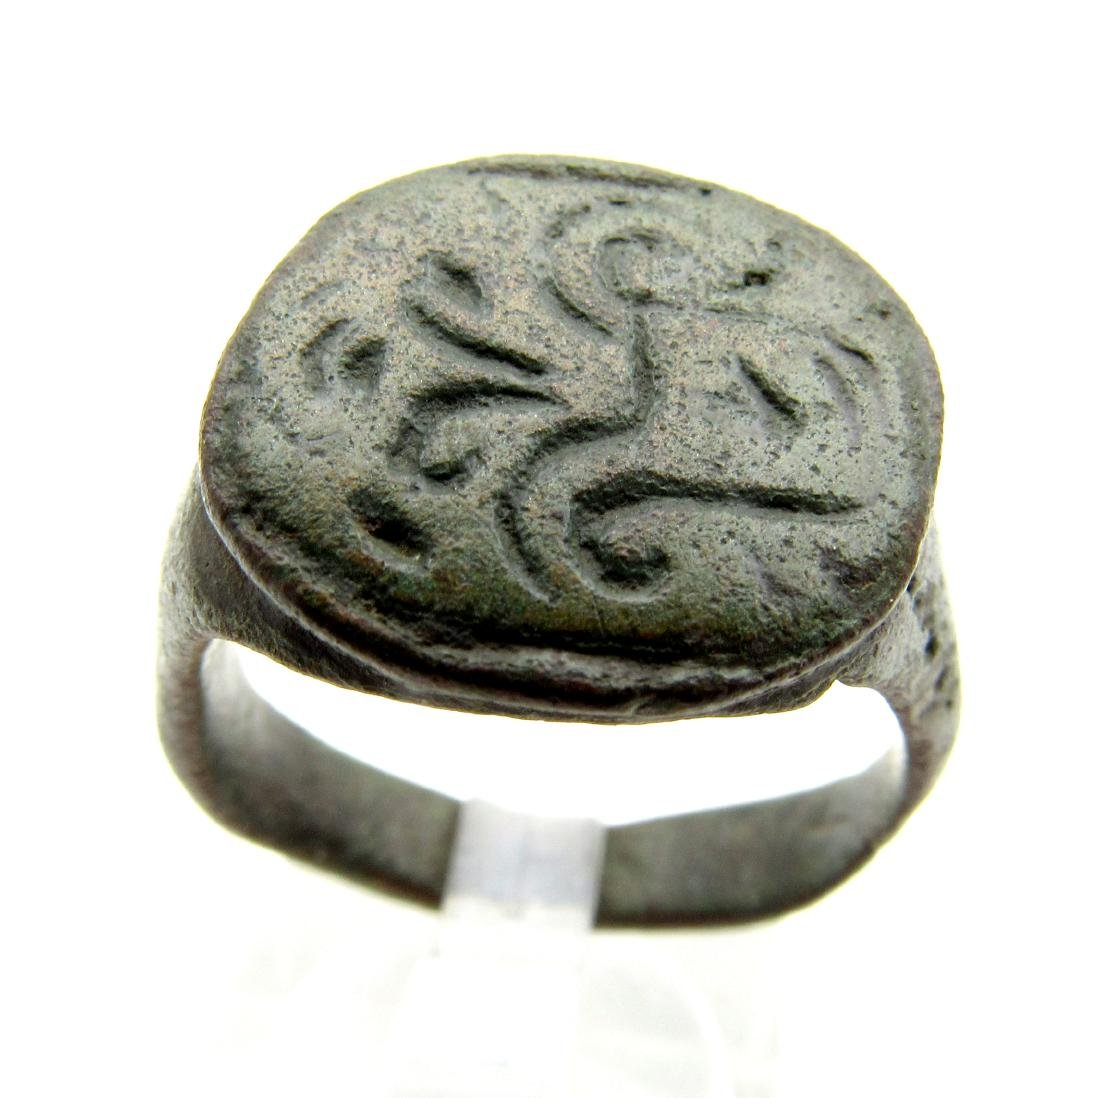 Medieval Crusaders Era Bronze Heraldic Ring Fountain